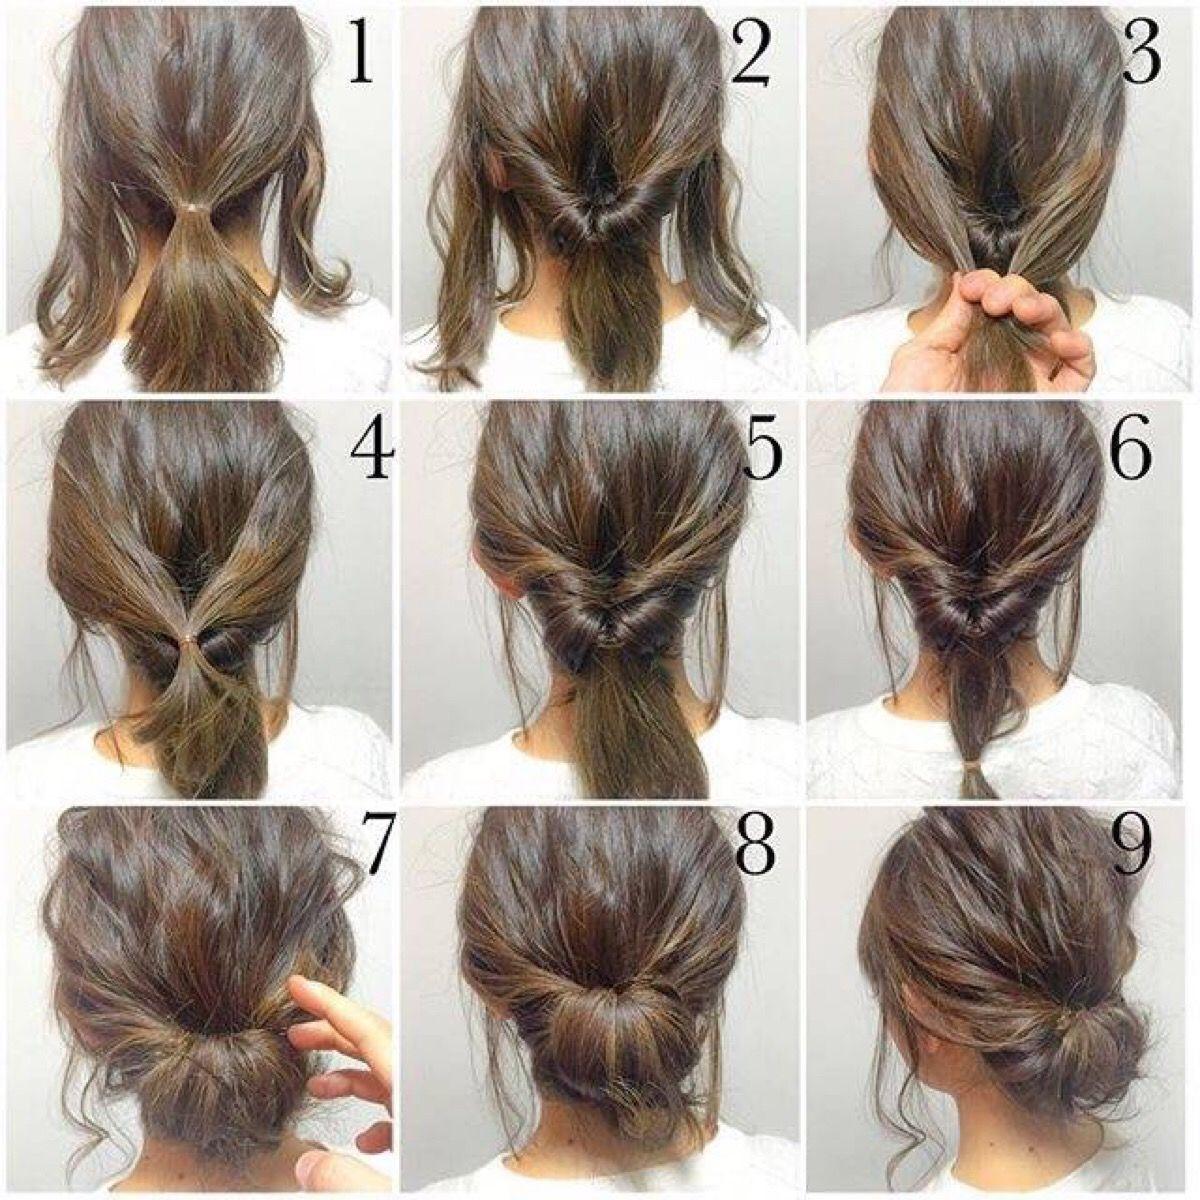 Braided hair tutorial dida pinterest braid hair tutorials